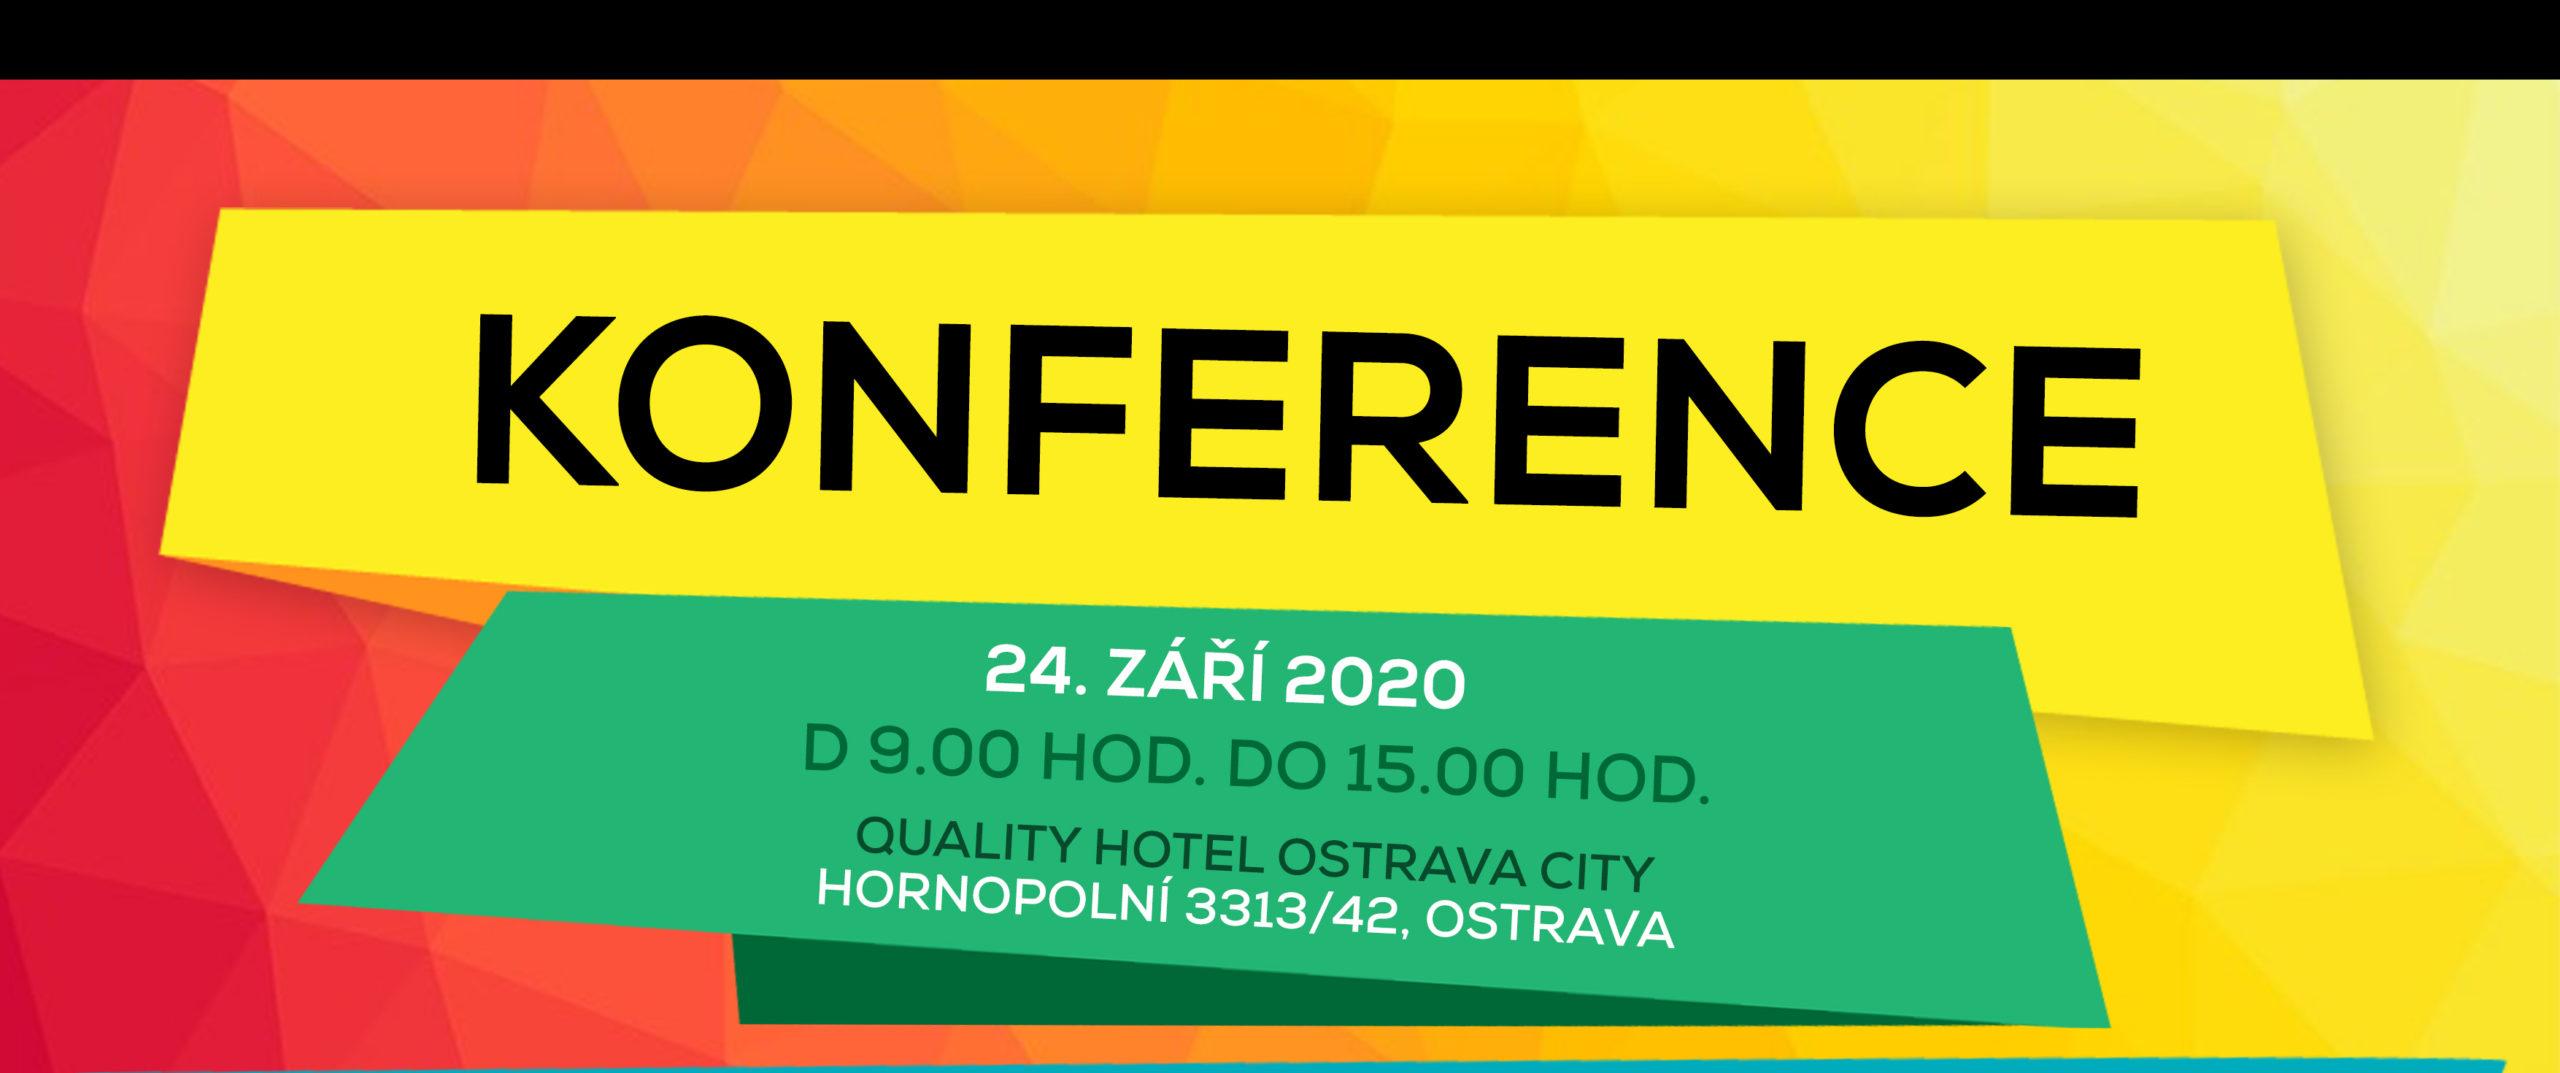 Pozvání na konferenci v ČZJ